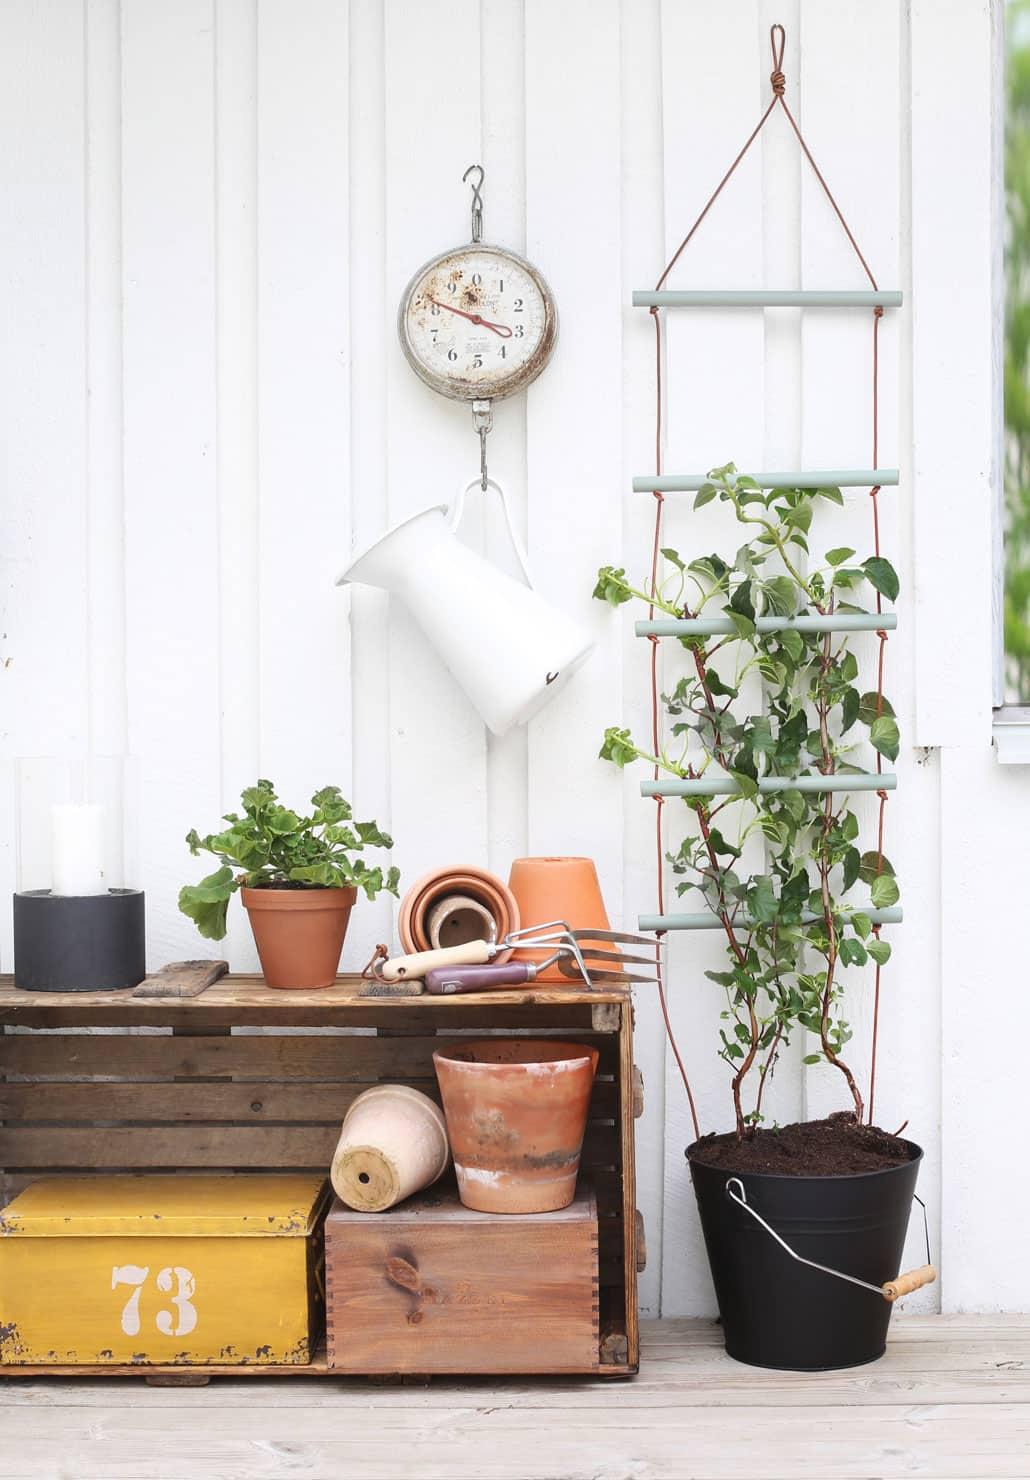 DIY: Fixa en enkel växtspaljé / klätterstöd av rundstav